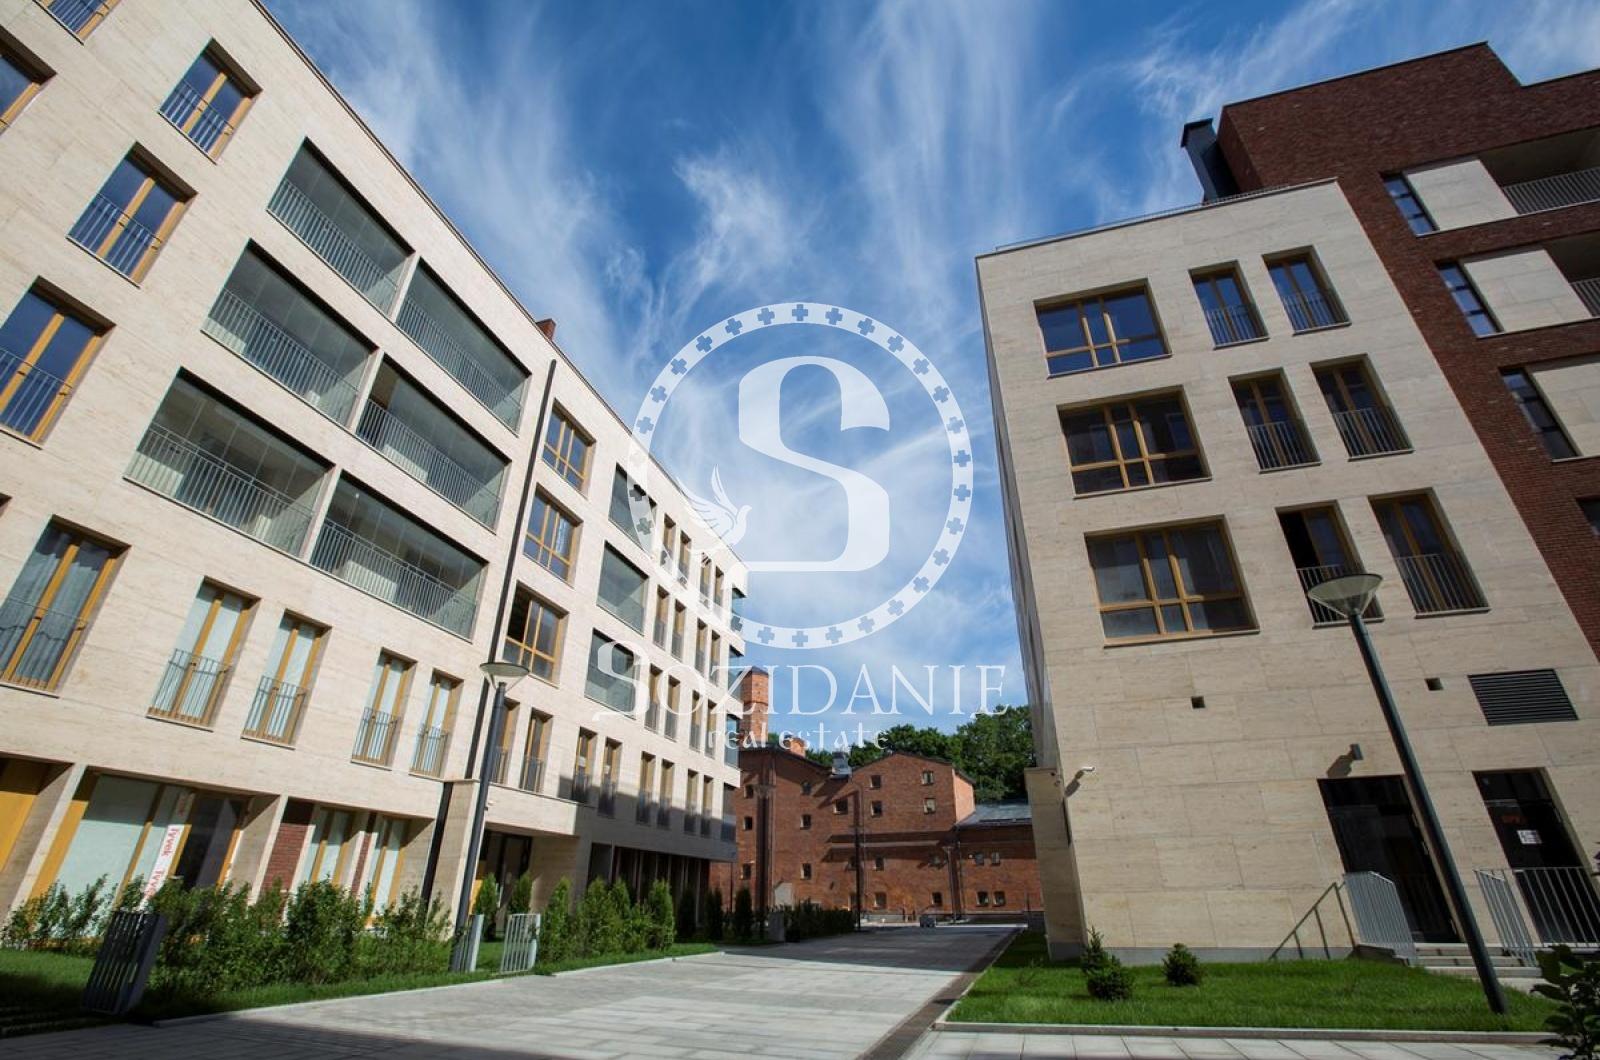 2 Комнаты, Городская, Продажа, Улица Льва Толстого, Listing ID 3428, Москва, Россия,